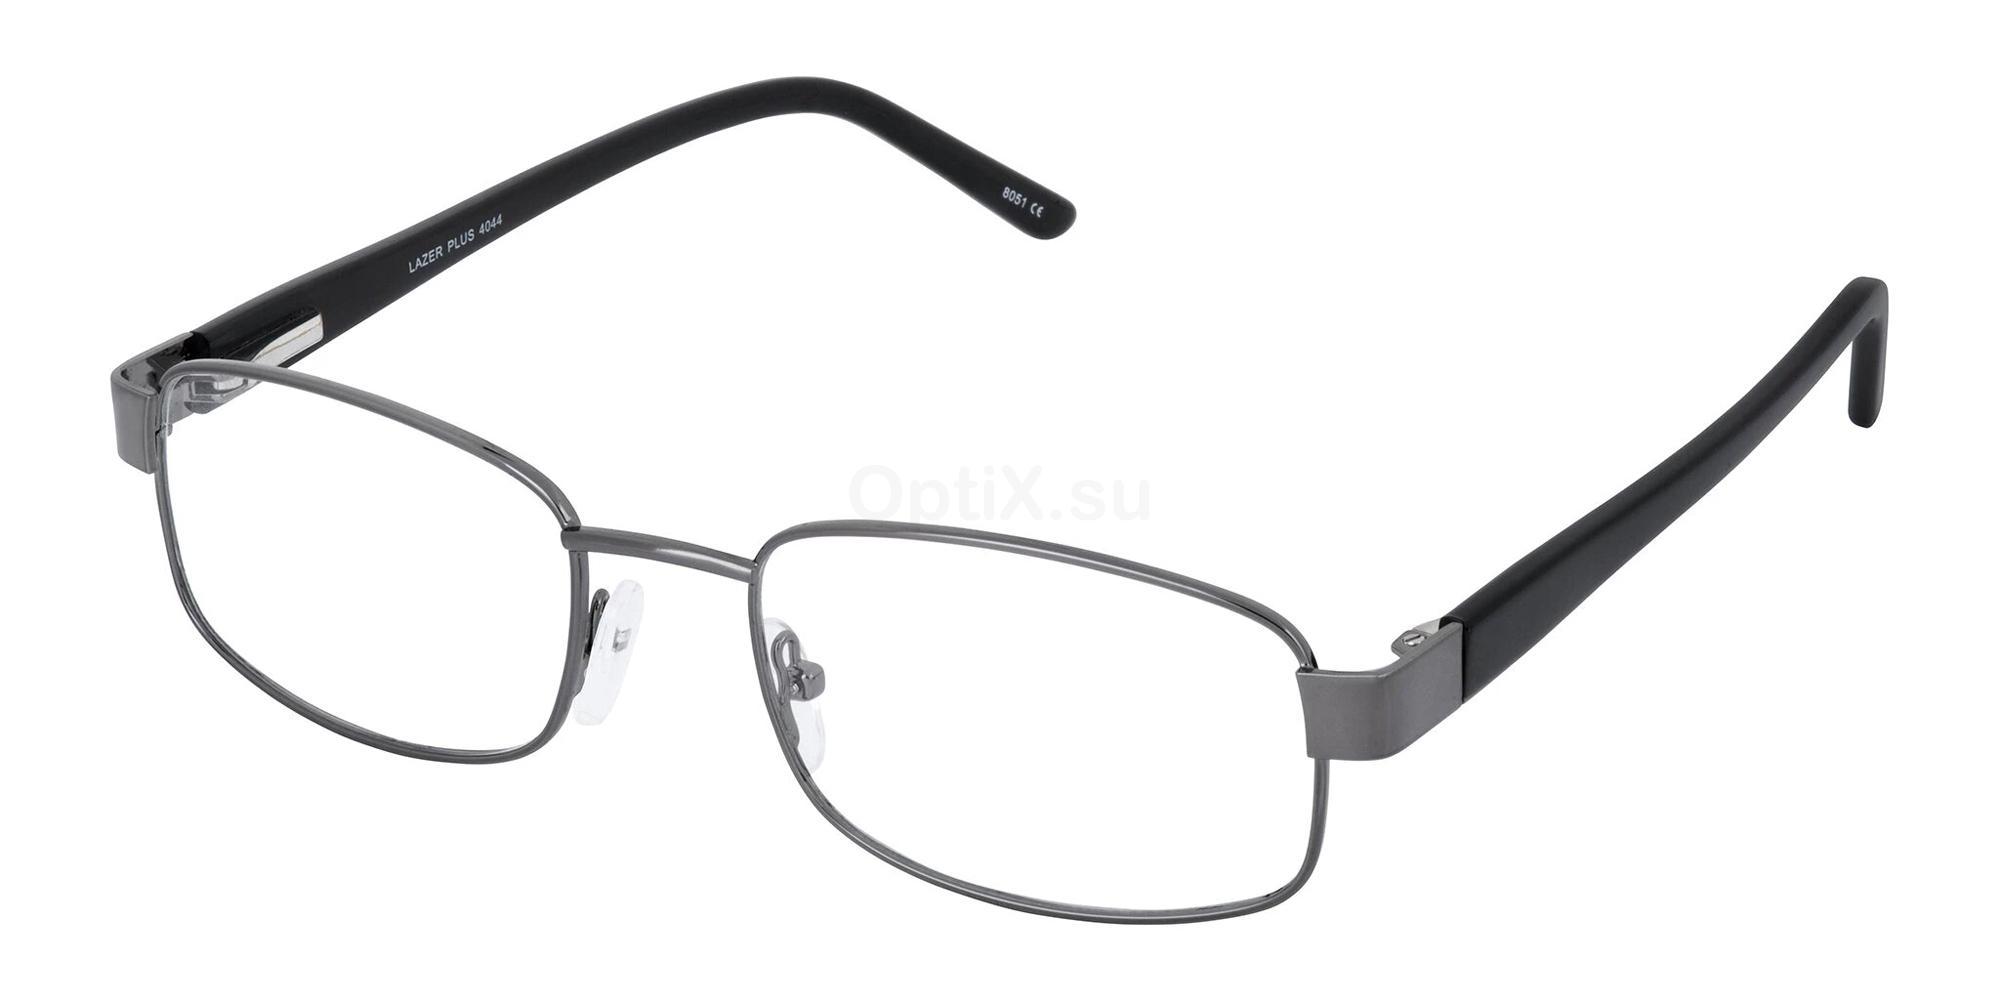 C.02 4044 Glasses, LAZER